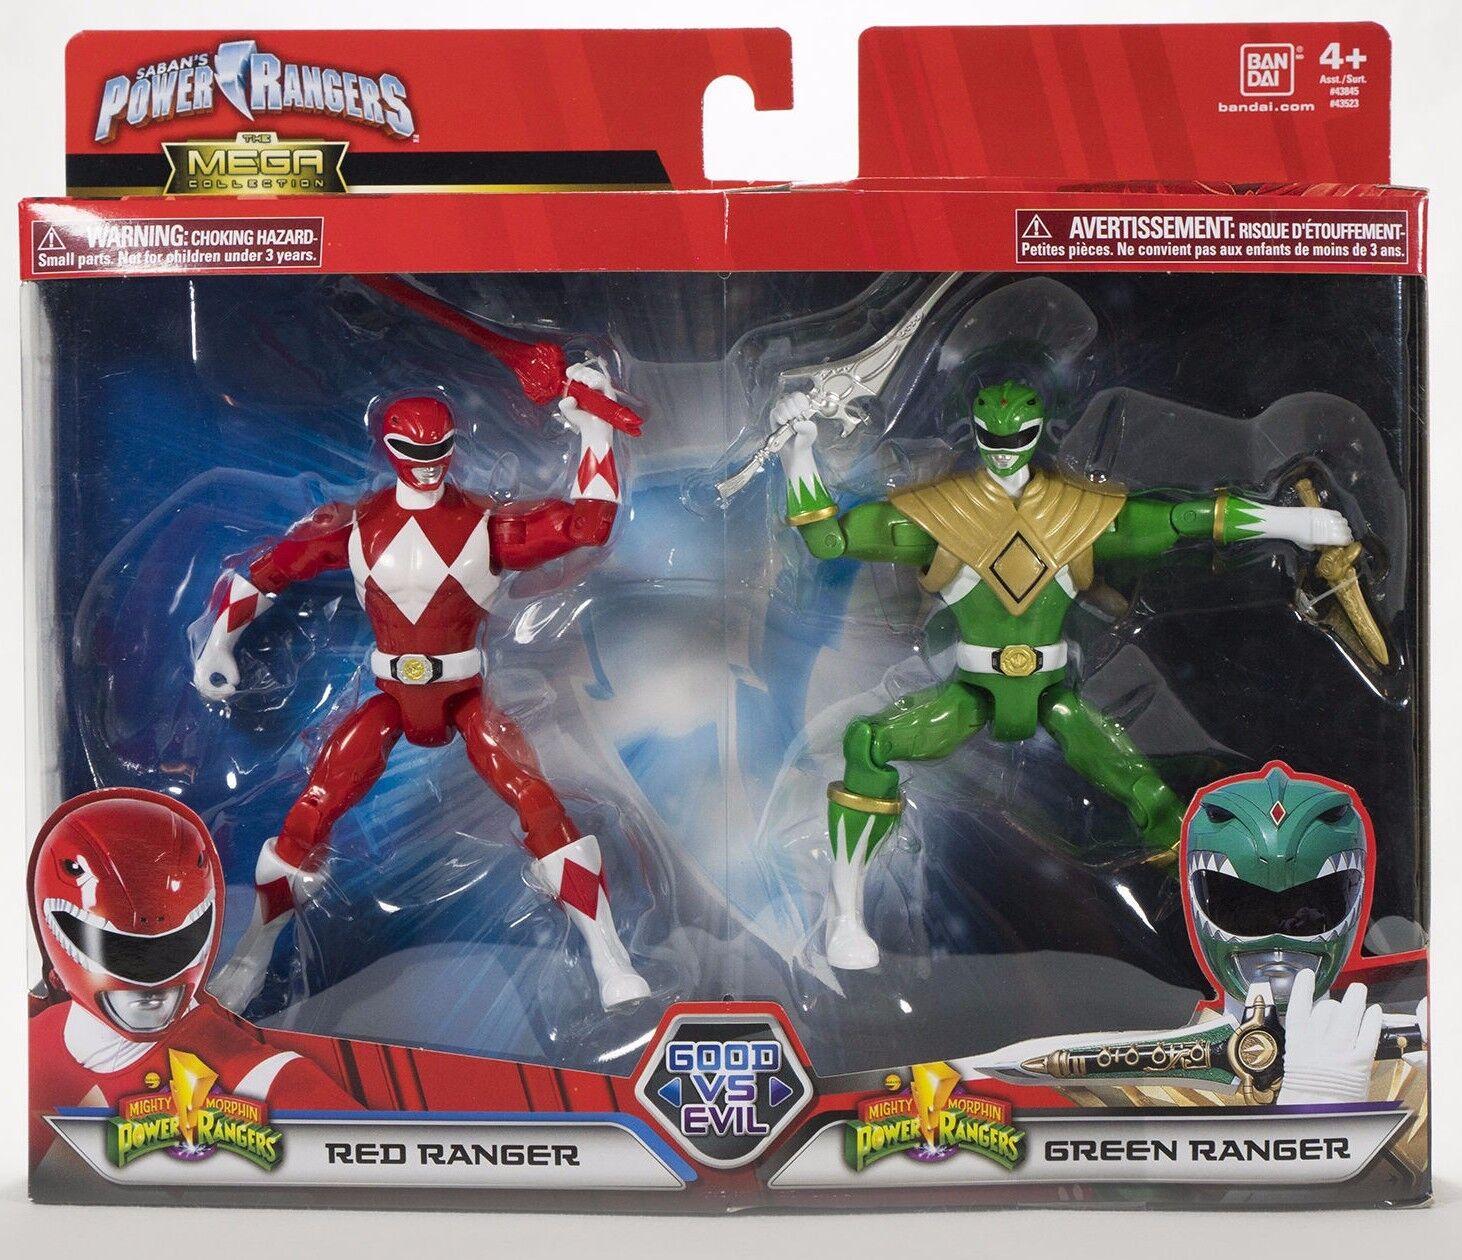 Mighty Morphin Power Rangers Legacy Good Vs Evil ROT & Grün Ranger Figures